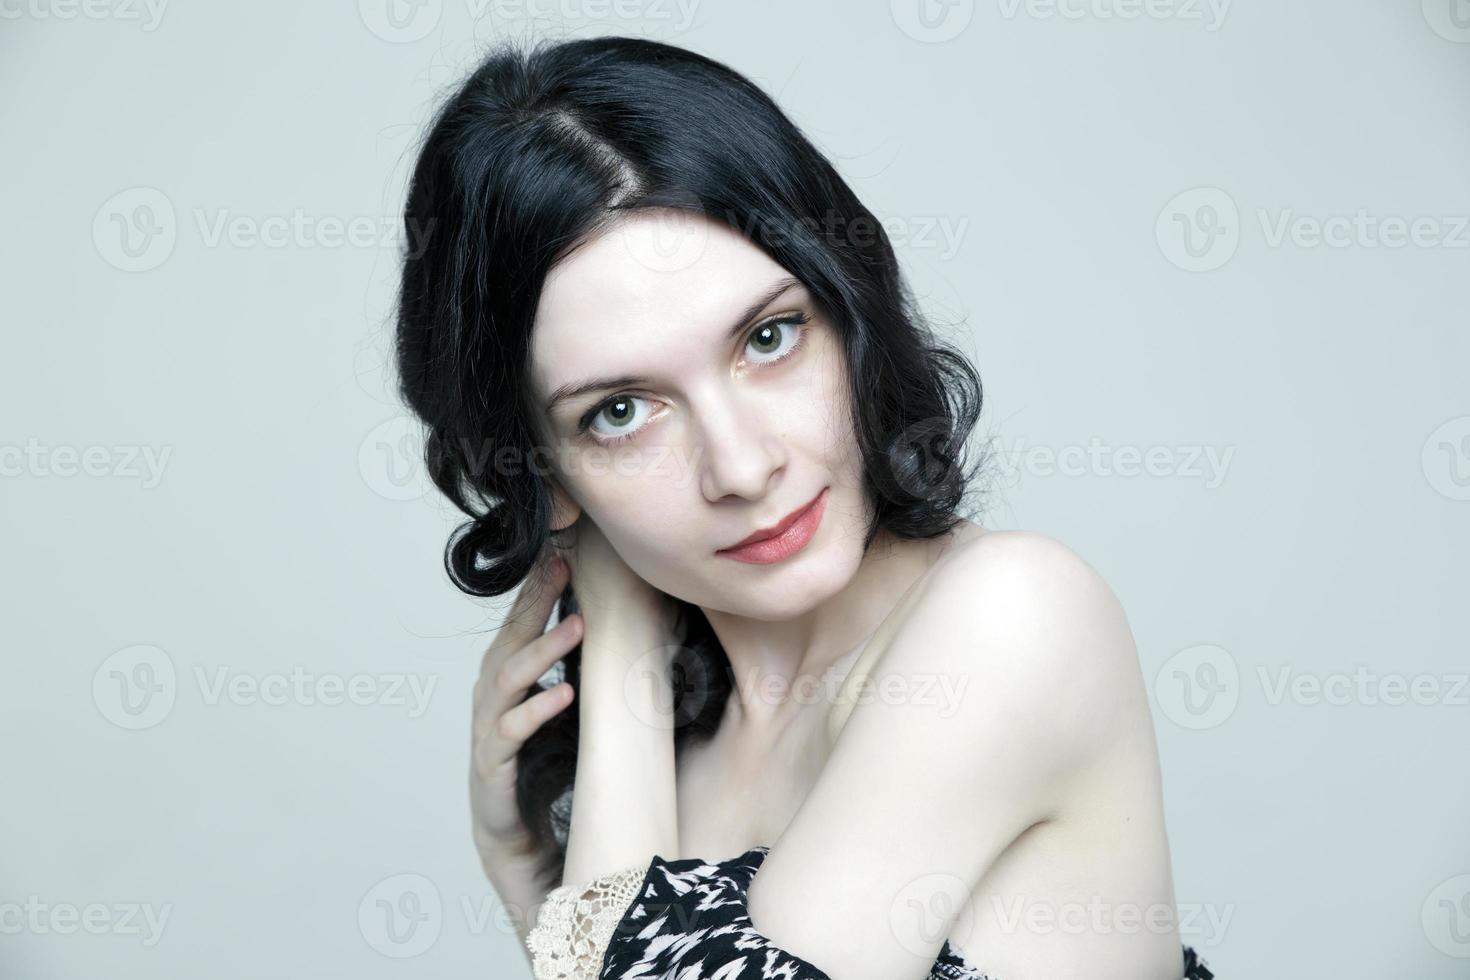 glamoureuze jonge brunette vrouw met mooie huid en natuurlijke make-up foto